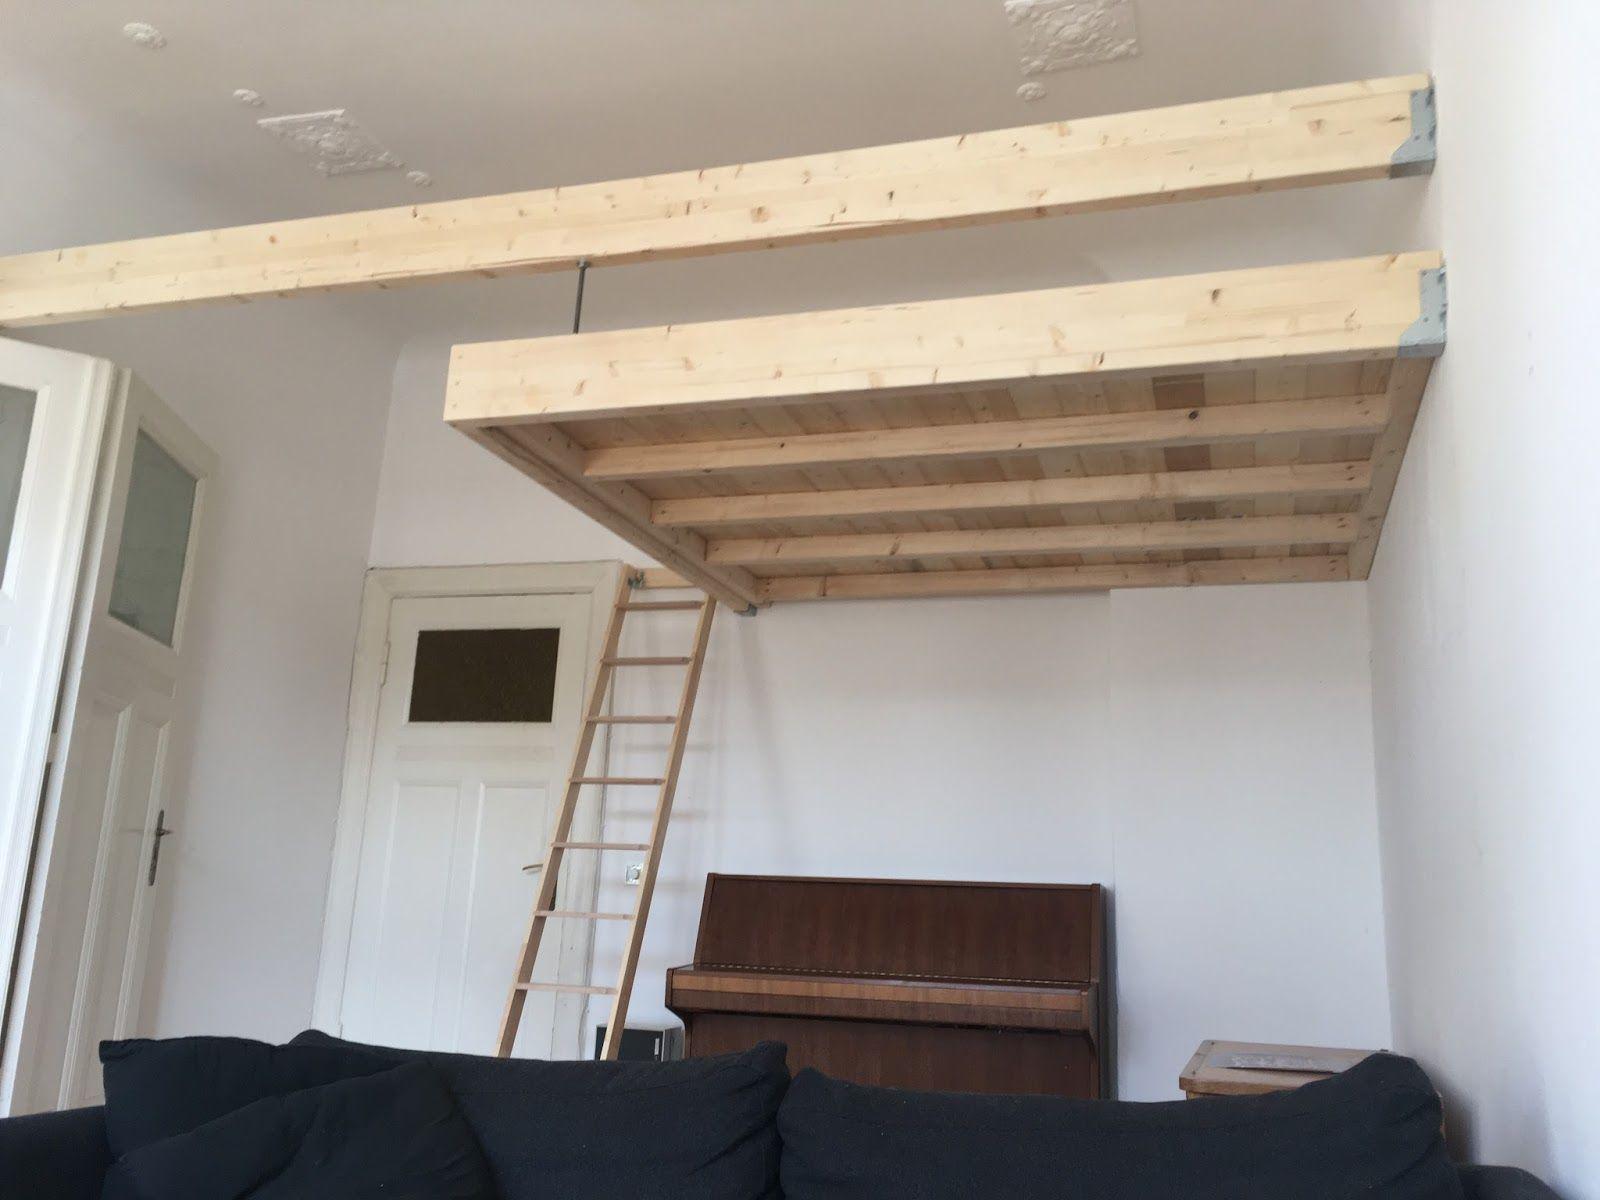 Etagenbett Wohnwagen Selber Bauen : Absturzsicherung hochbett selber